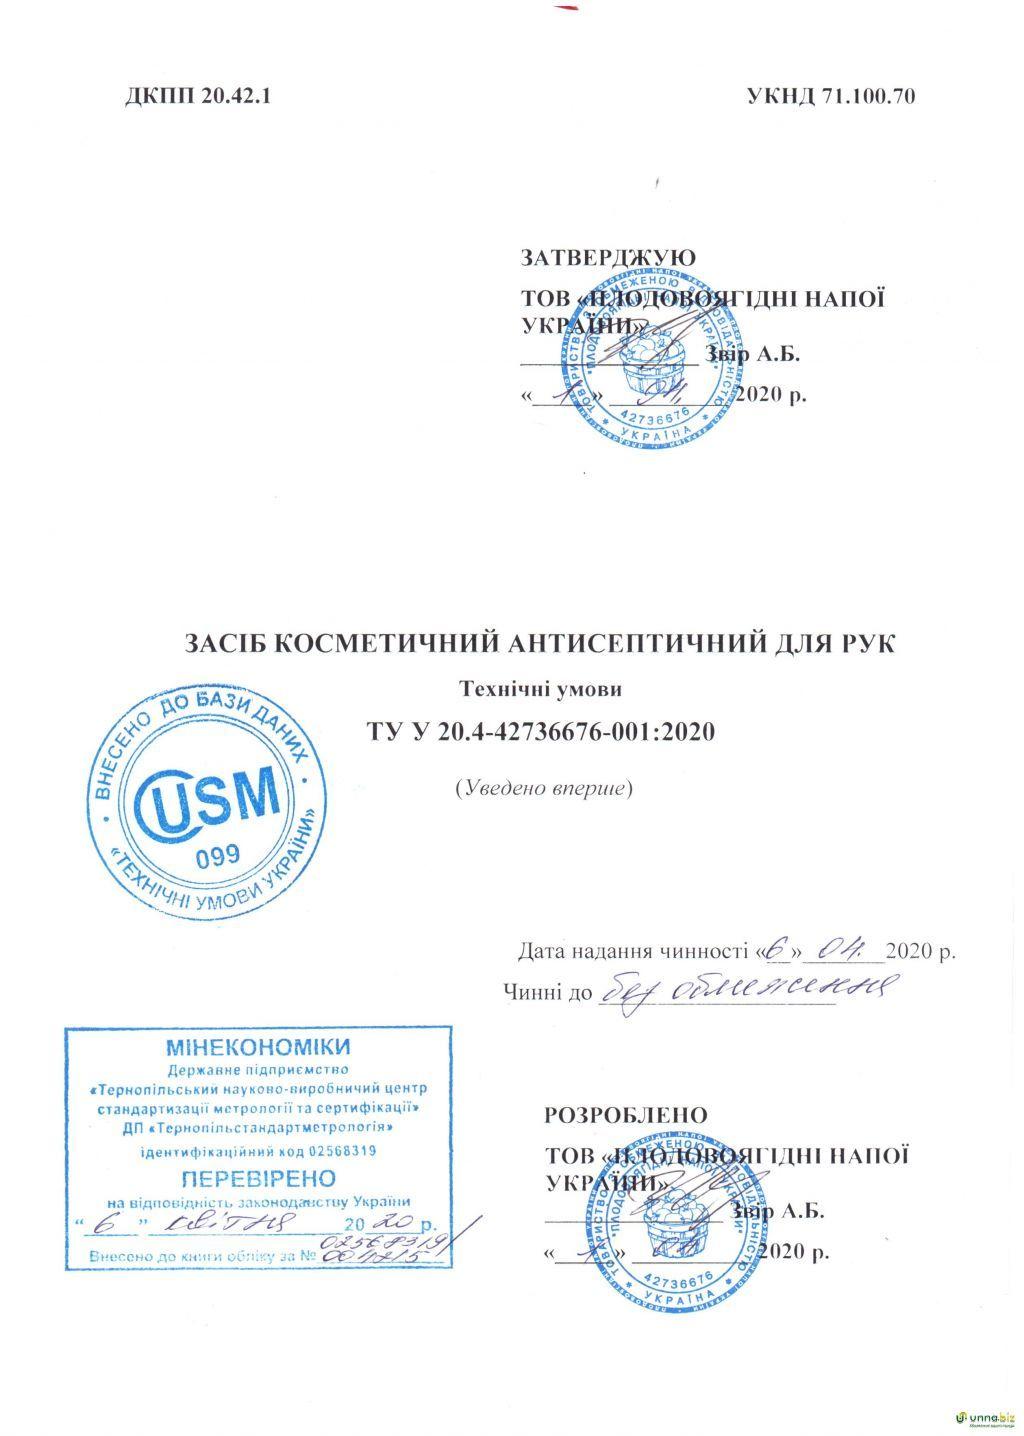 Сертифікація, санітарно-епідеміологічний висновок ДЕРЖПРОДСПОЖИВ служби України (гигиеническое заклю